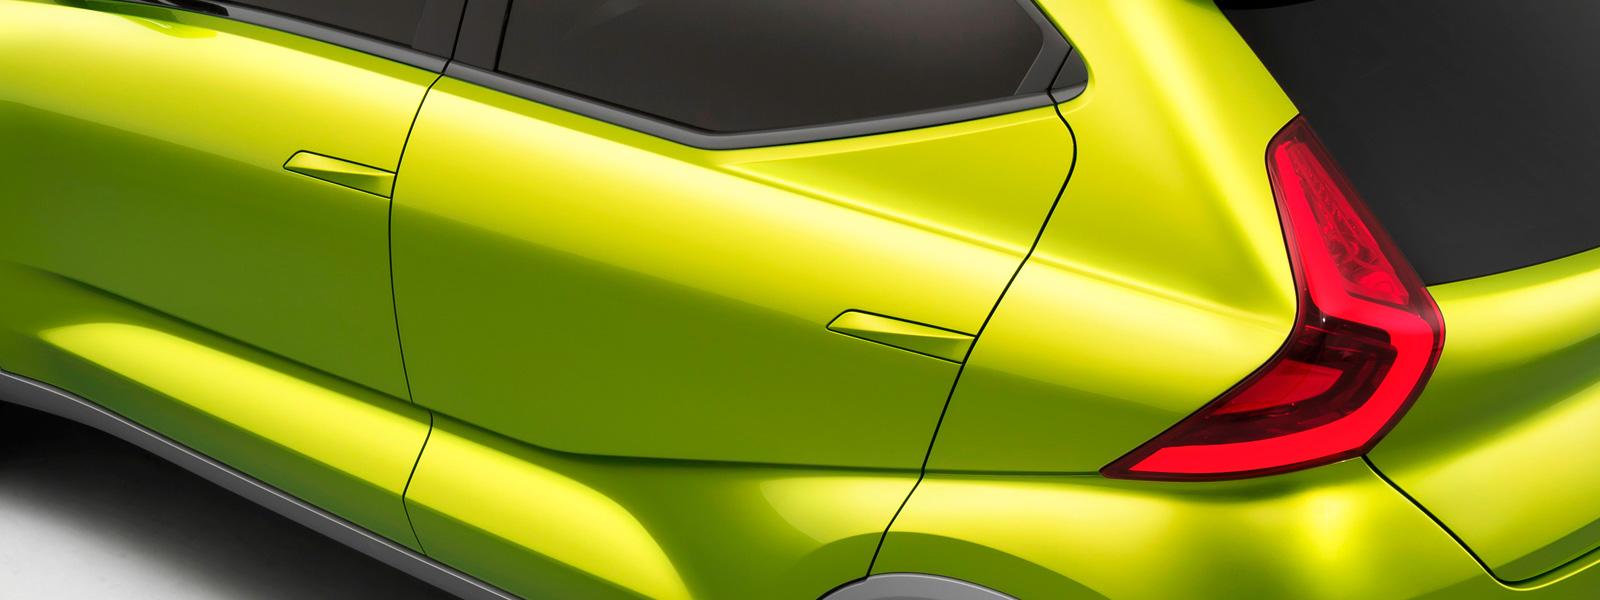 04-verde.jpg